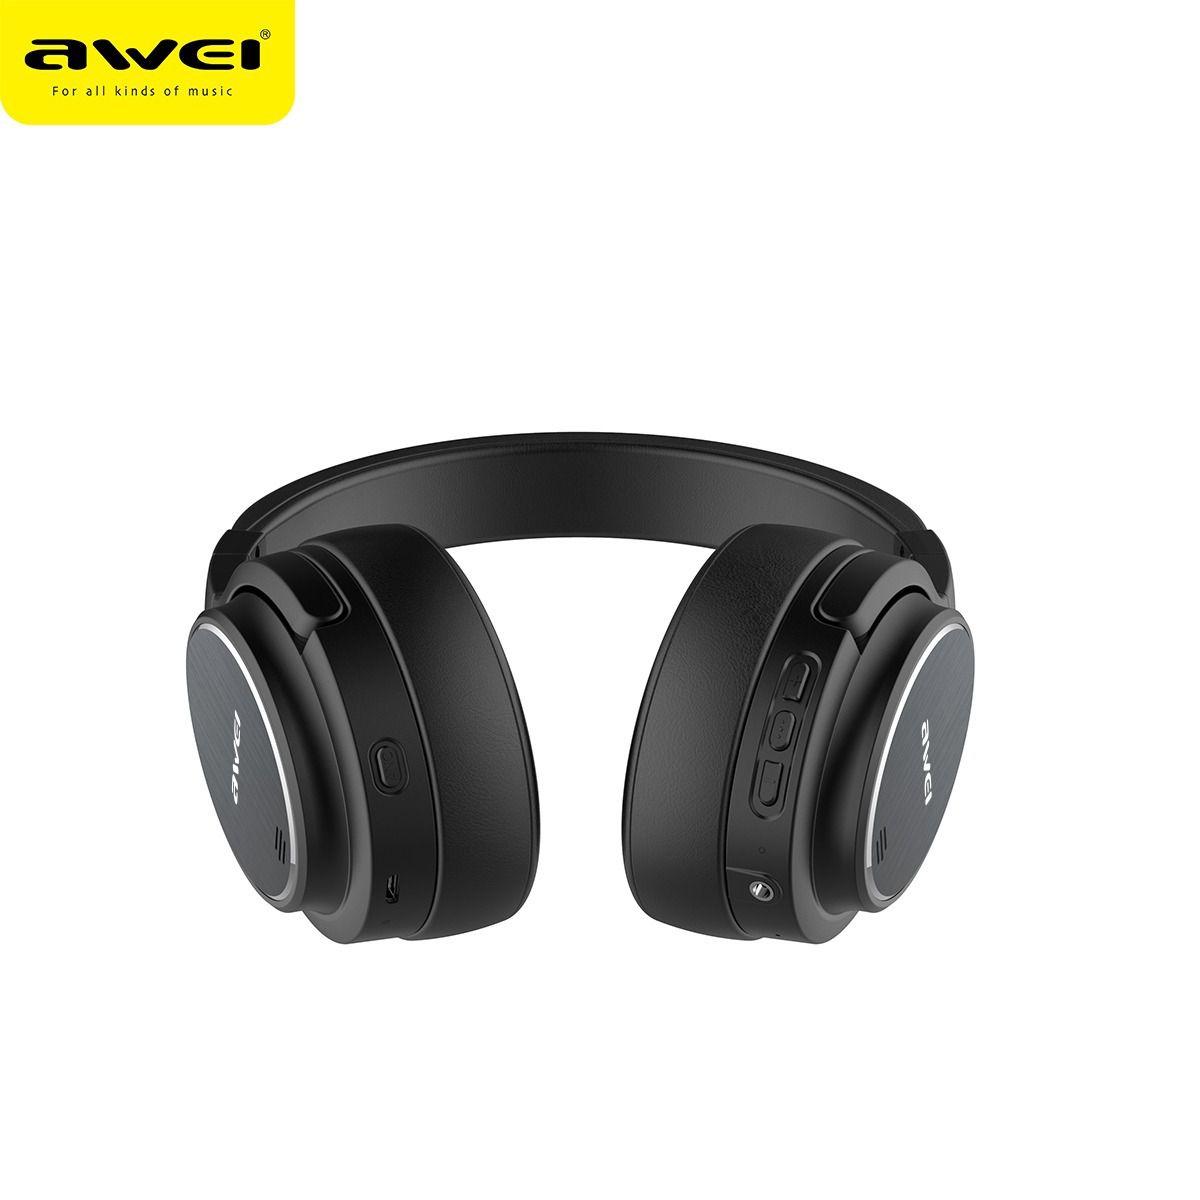 Fone de Ouvido com Cancelamento de Ruído - Awei A950BL